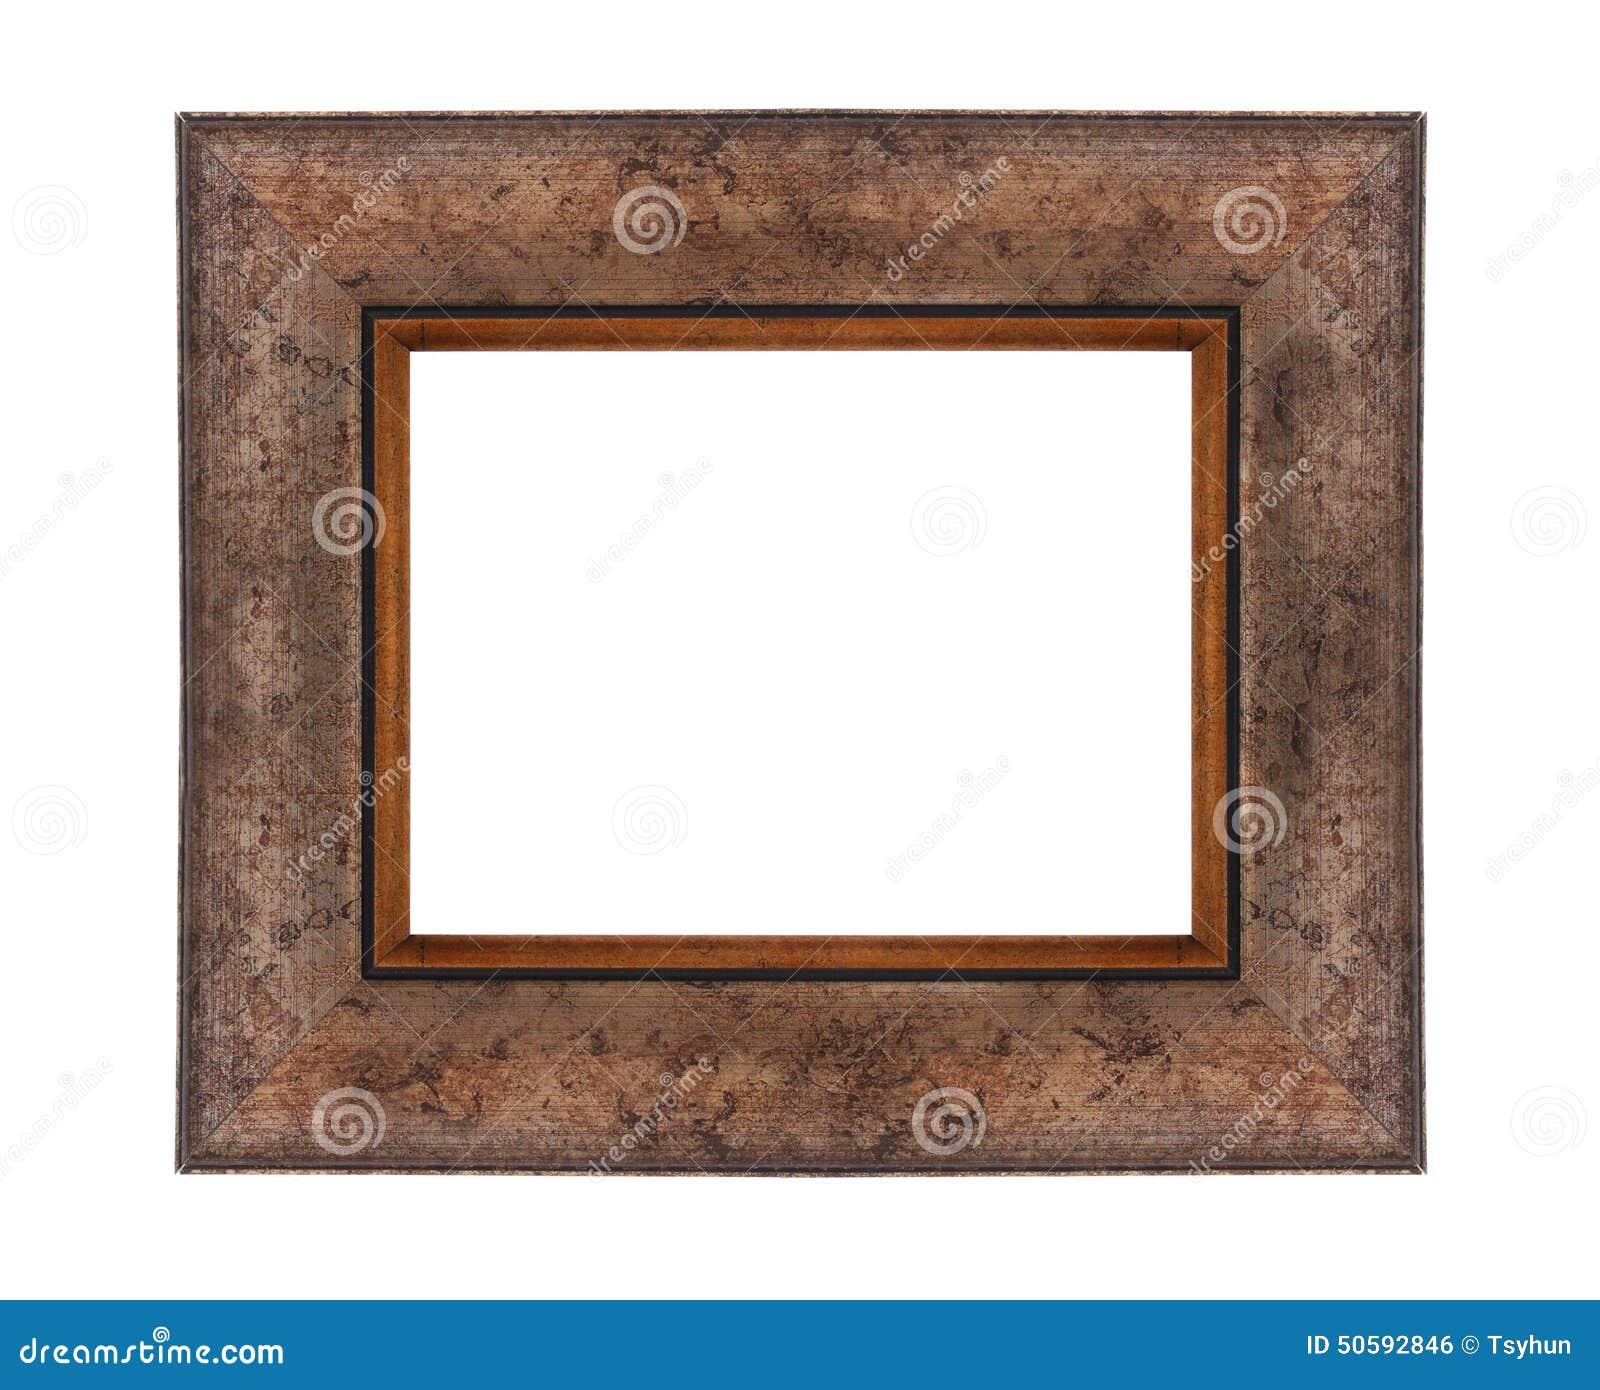 Bilderrahmen aus Holz stockfoto. Bild von spiegel, halterung - 50592846